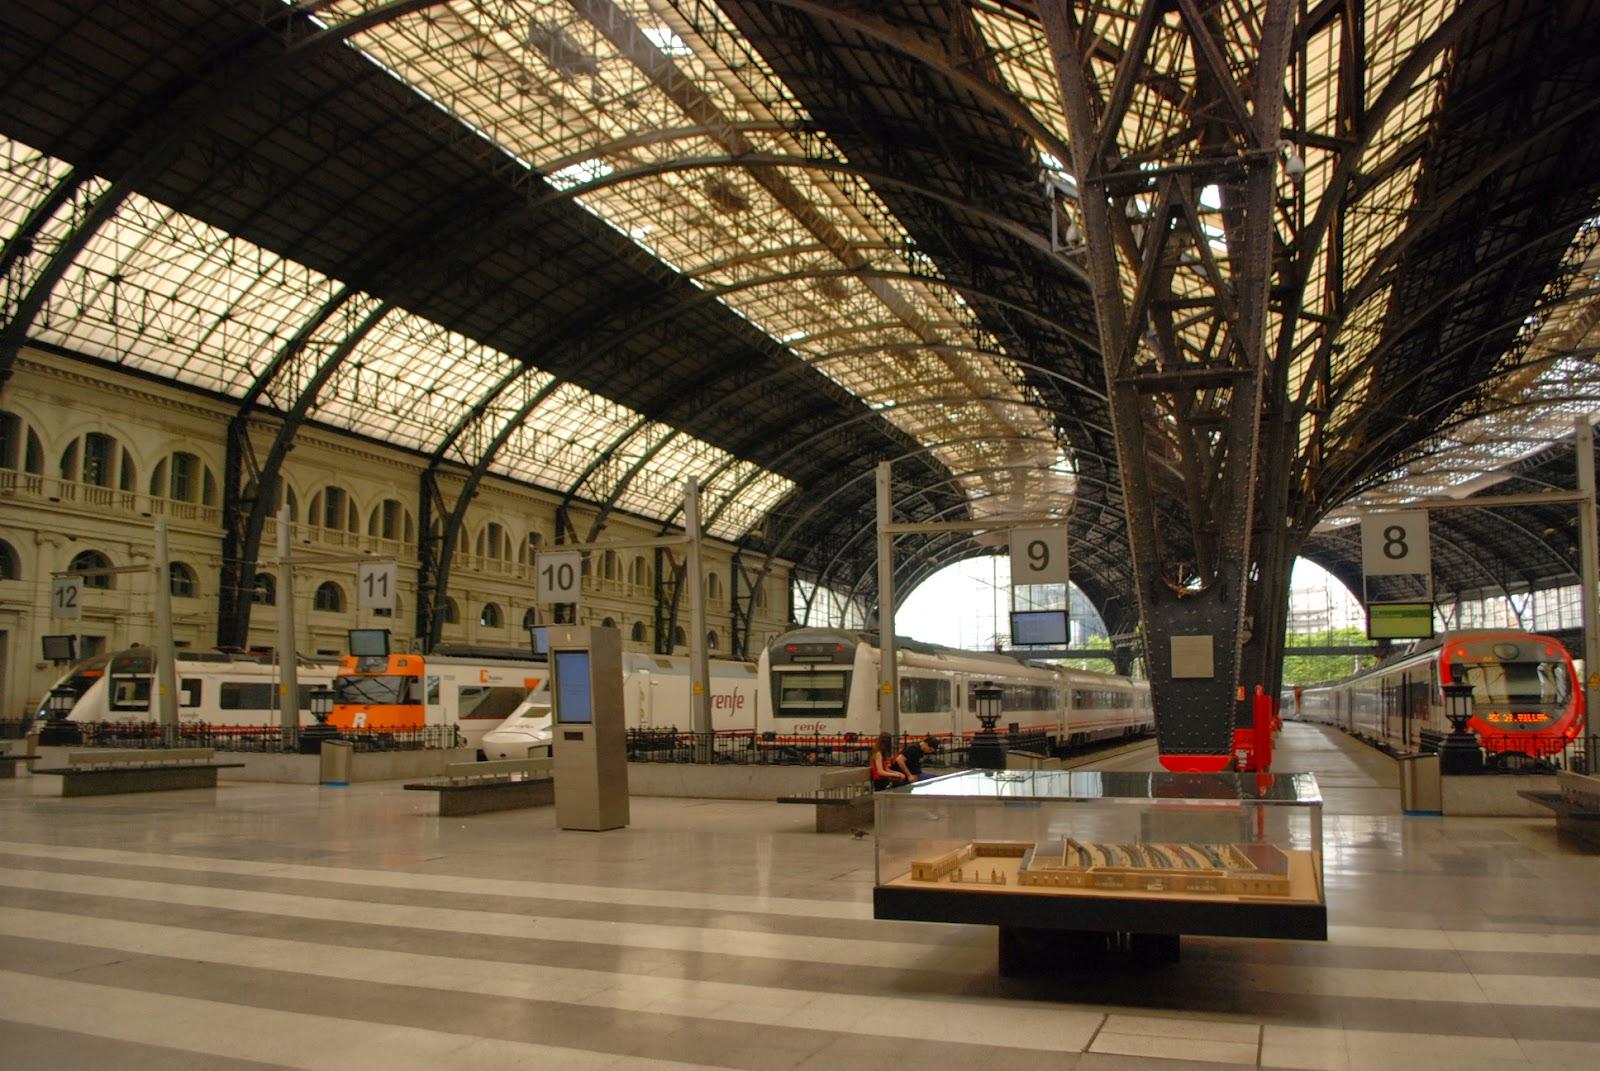 Французский вокзал, Барселона, Каталония, Испания. Barcelona, Catalonia, Spain